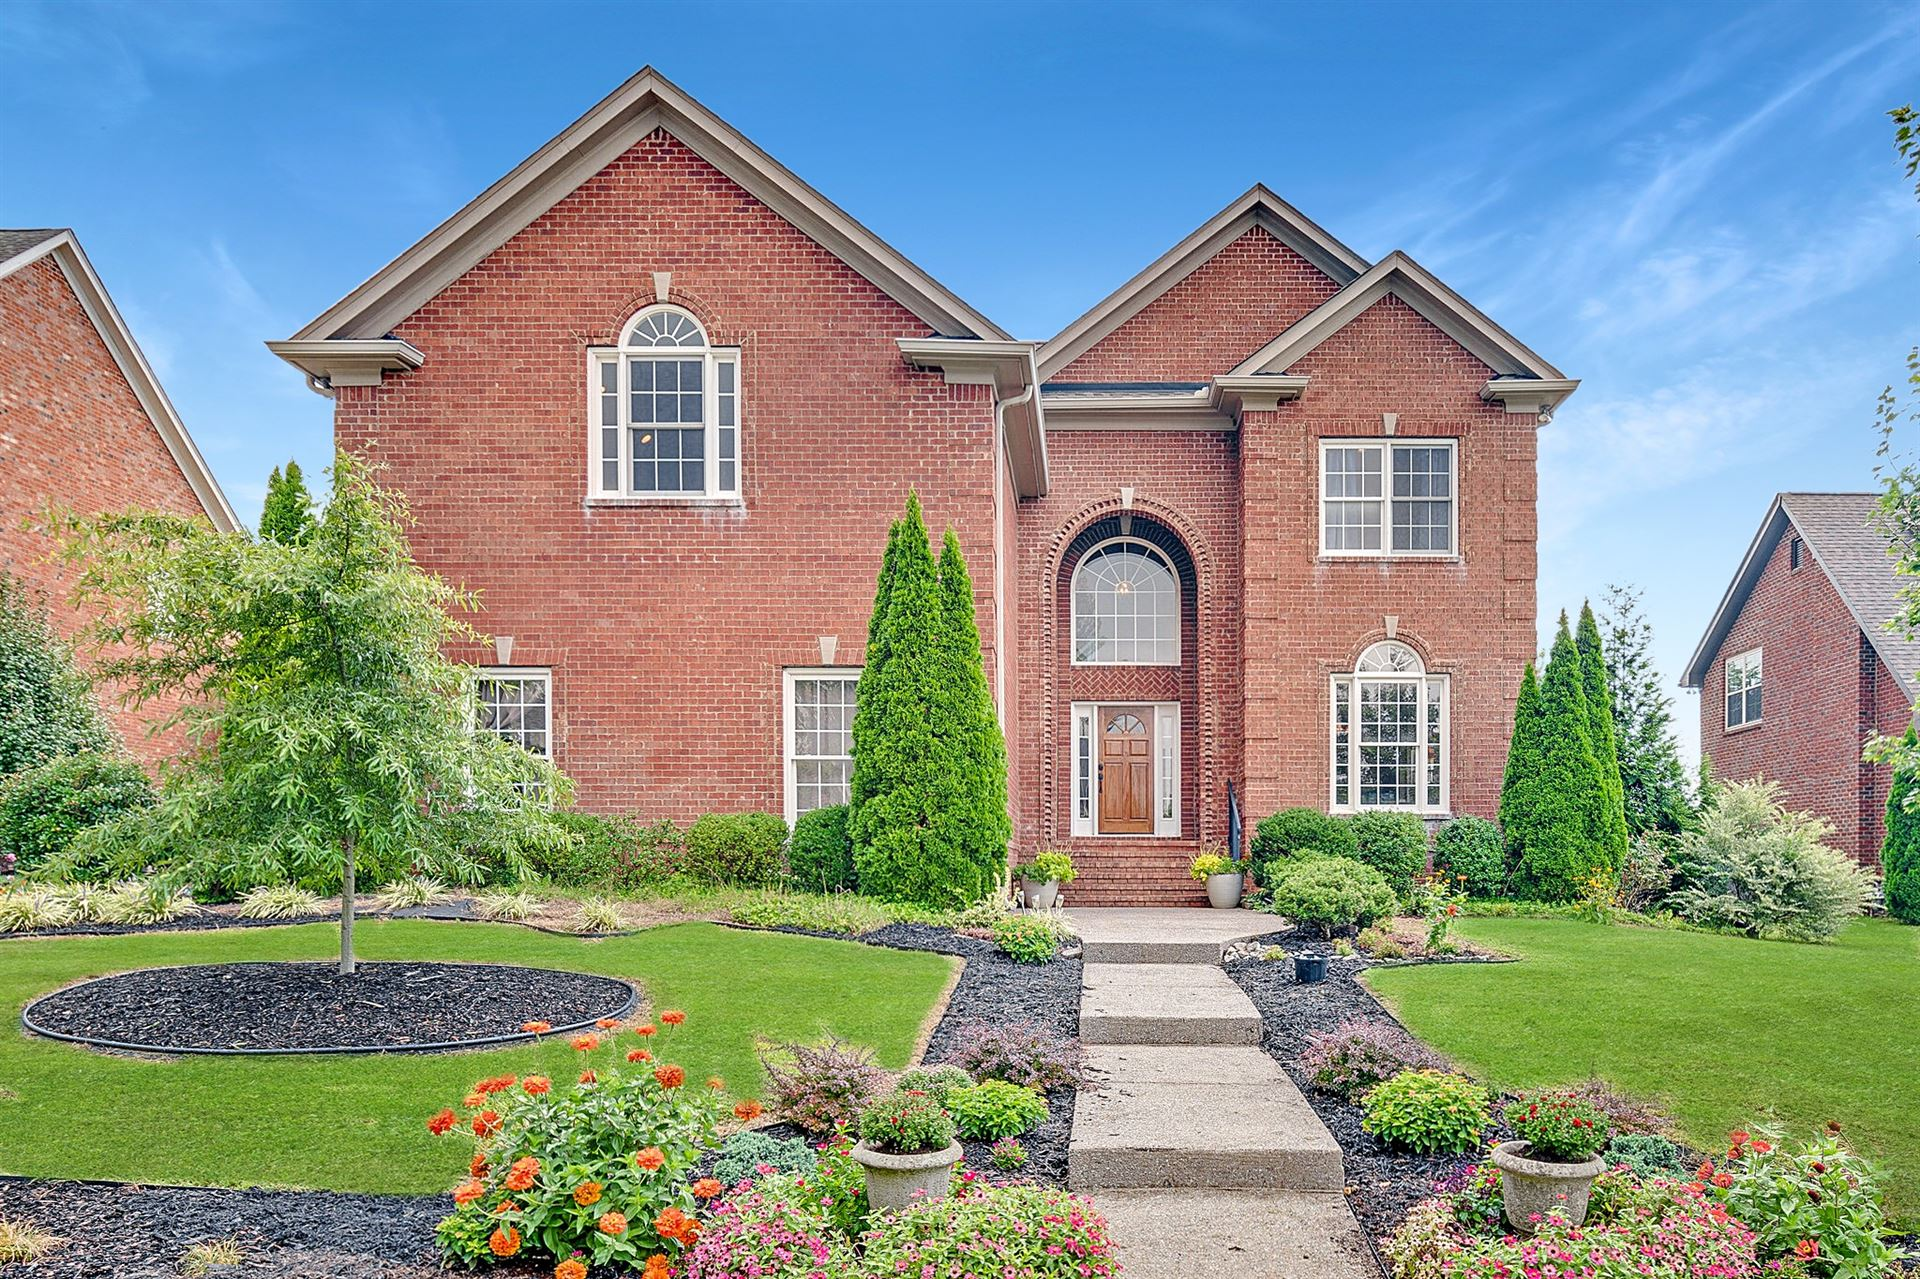 3201 Appian Way, Spring Hill, TN 37174 - MLS#: 2186241